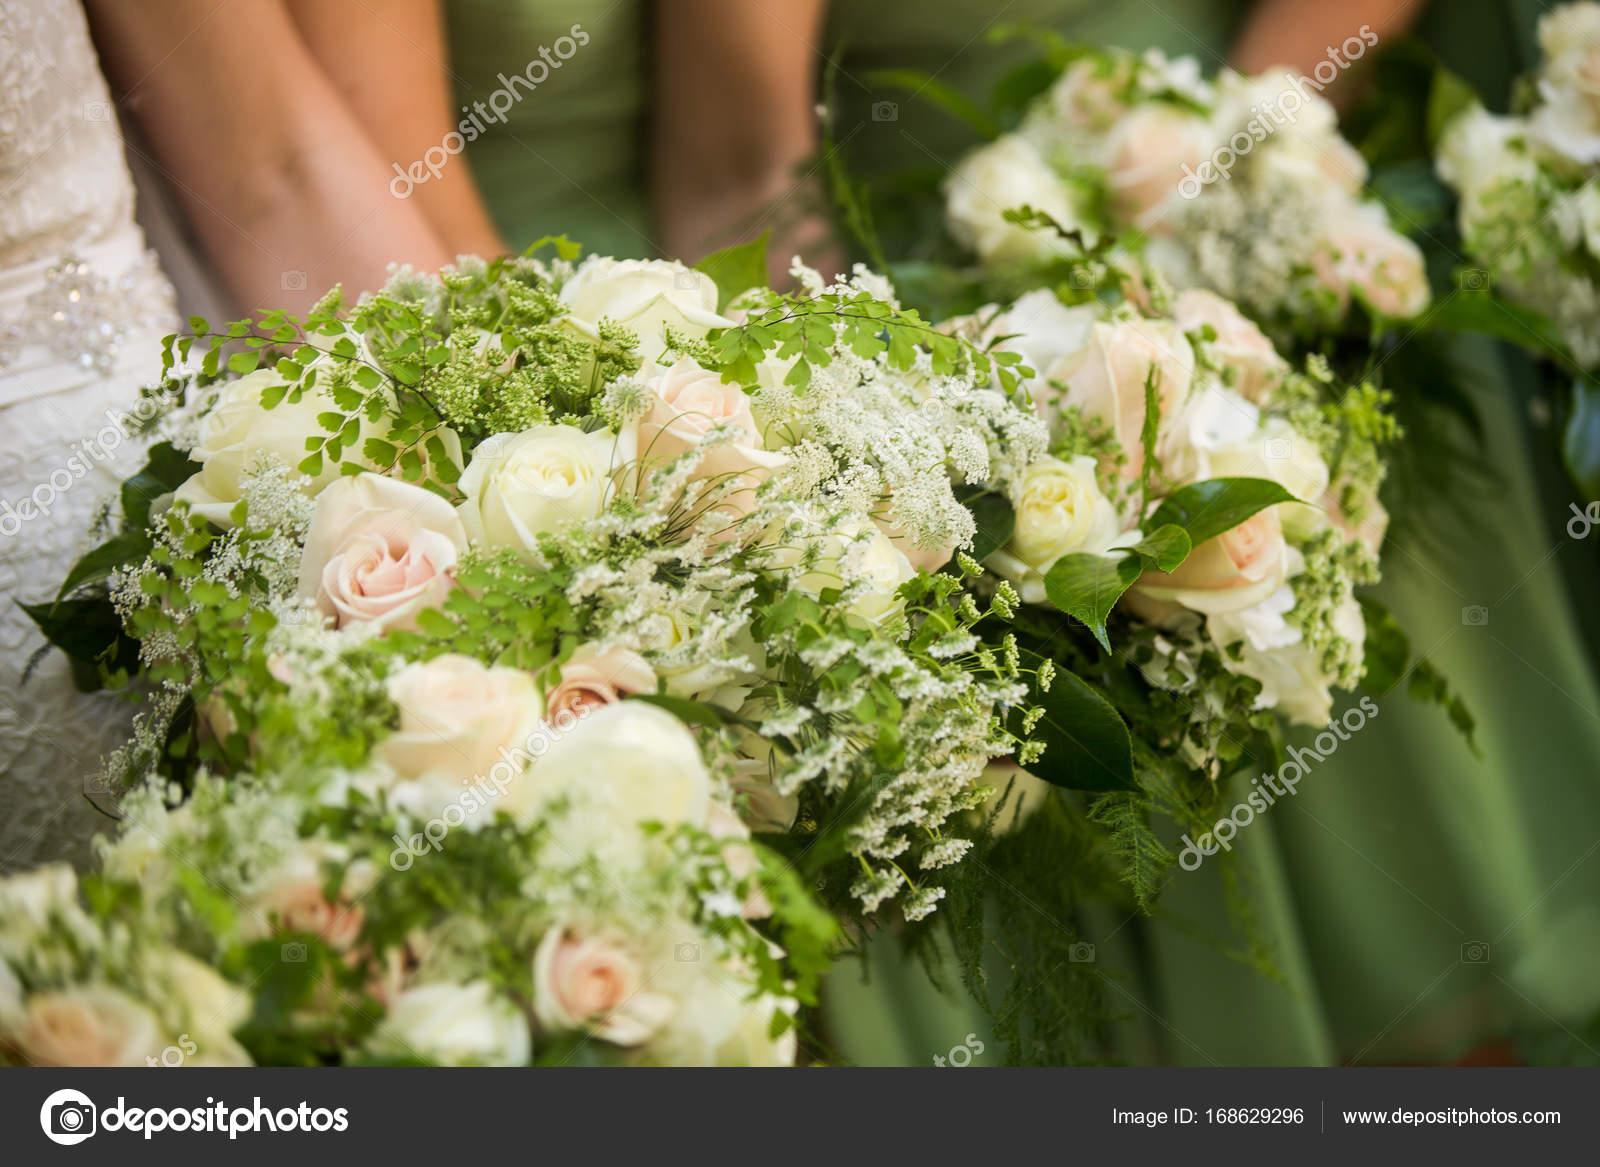 f337788c57 Candid zdjęcia panny młodej i jej druhny sobie jasny zielony druhna sukienki  i gospodarstwa wspaniały bukiet. Wzór w biało -różowe róże z baby s breath  i ...